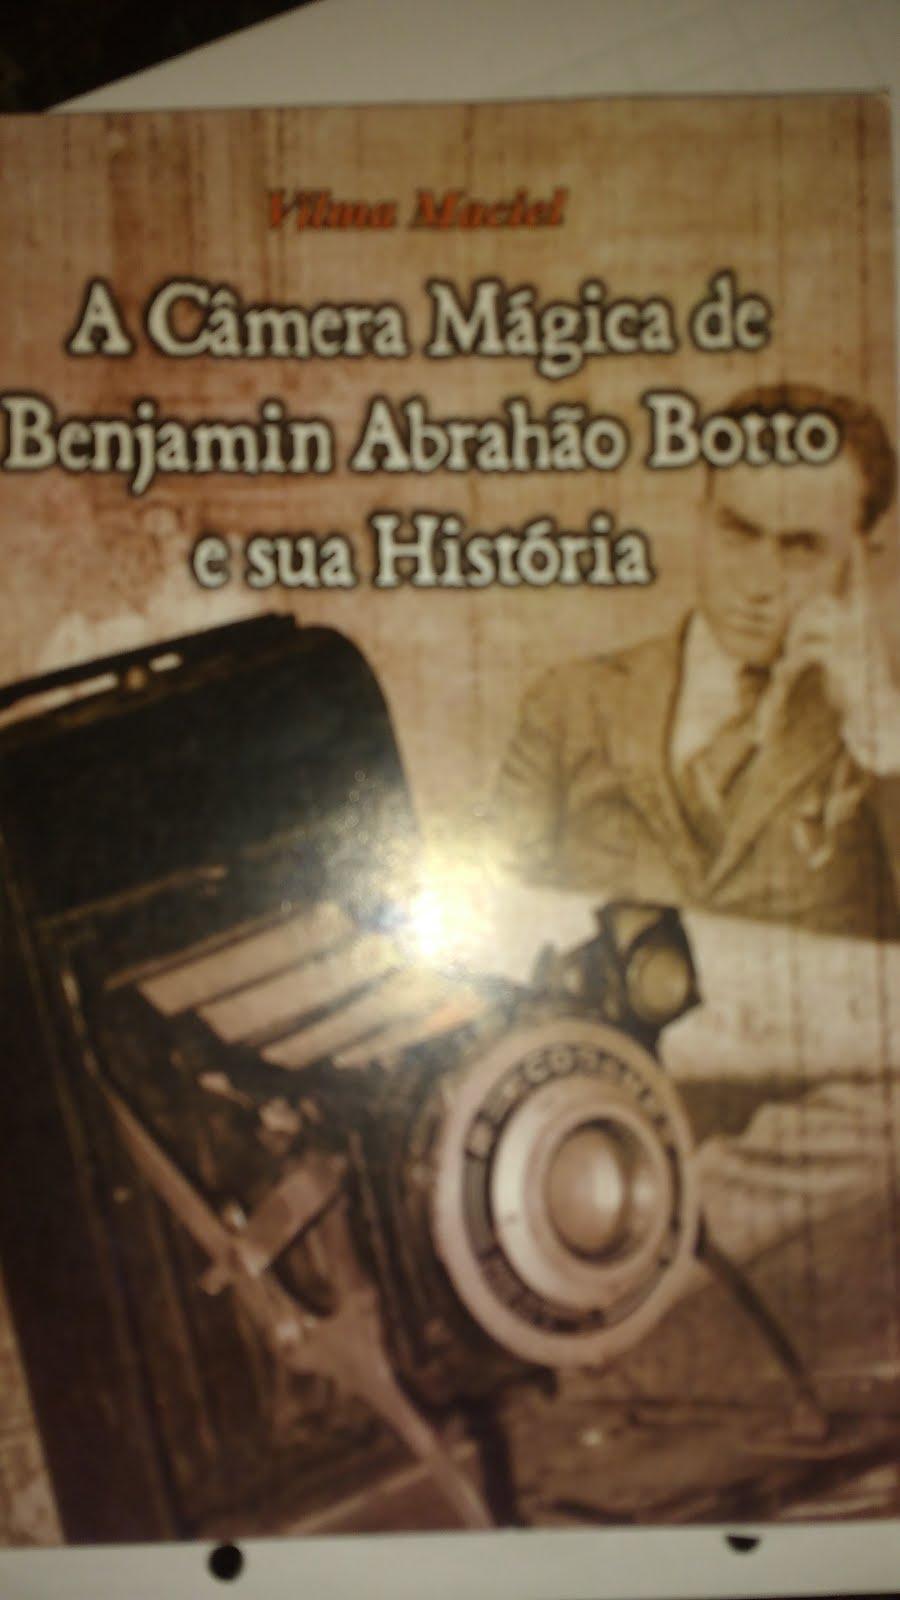 Livro A Câmera Mágica de benjamin Abrahão Botto e sua história